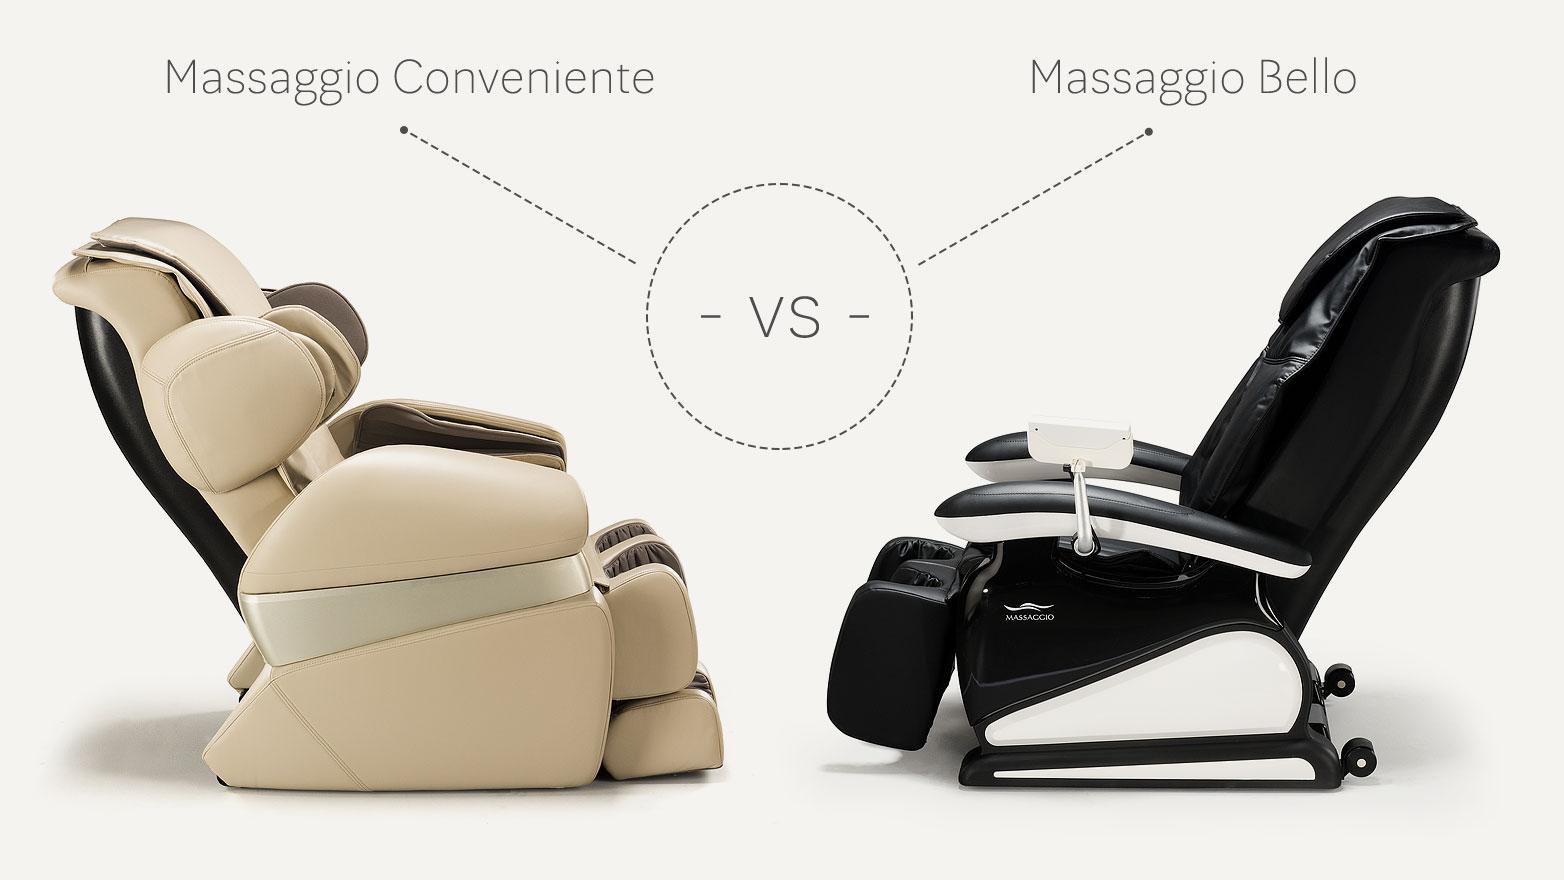 Fotele masujące Massaggio Conveniente vs Bello